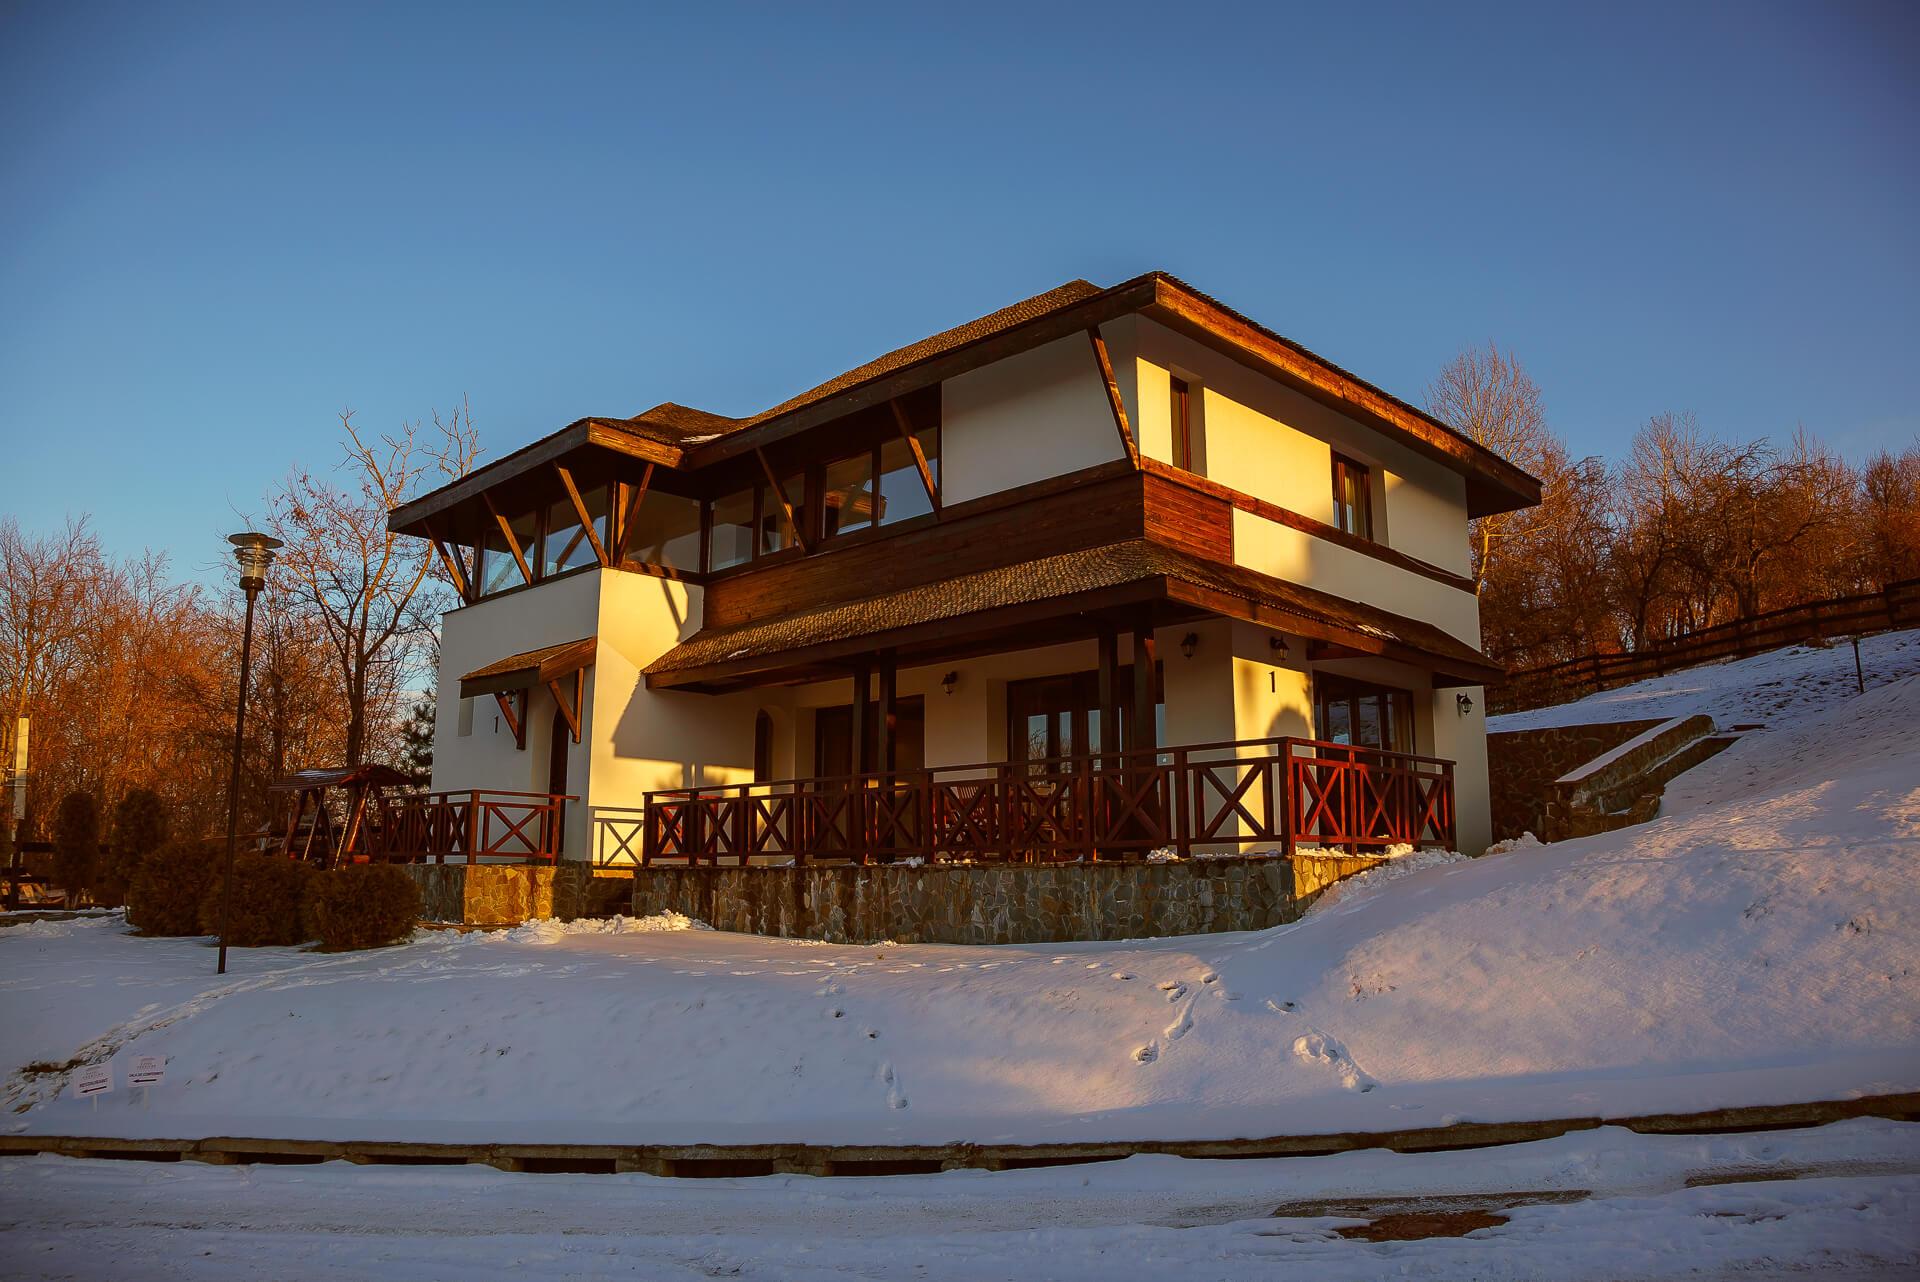 SatulPrunilor_Iarna_Exterior_038